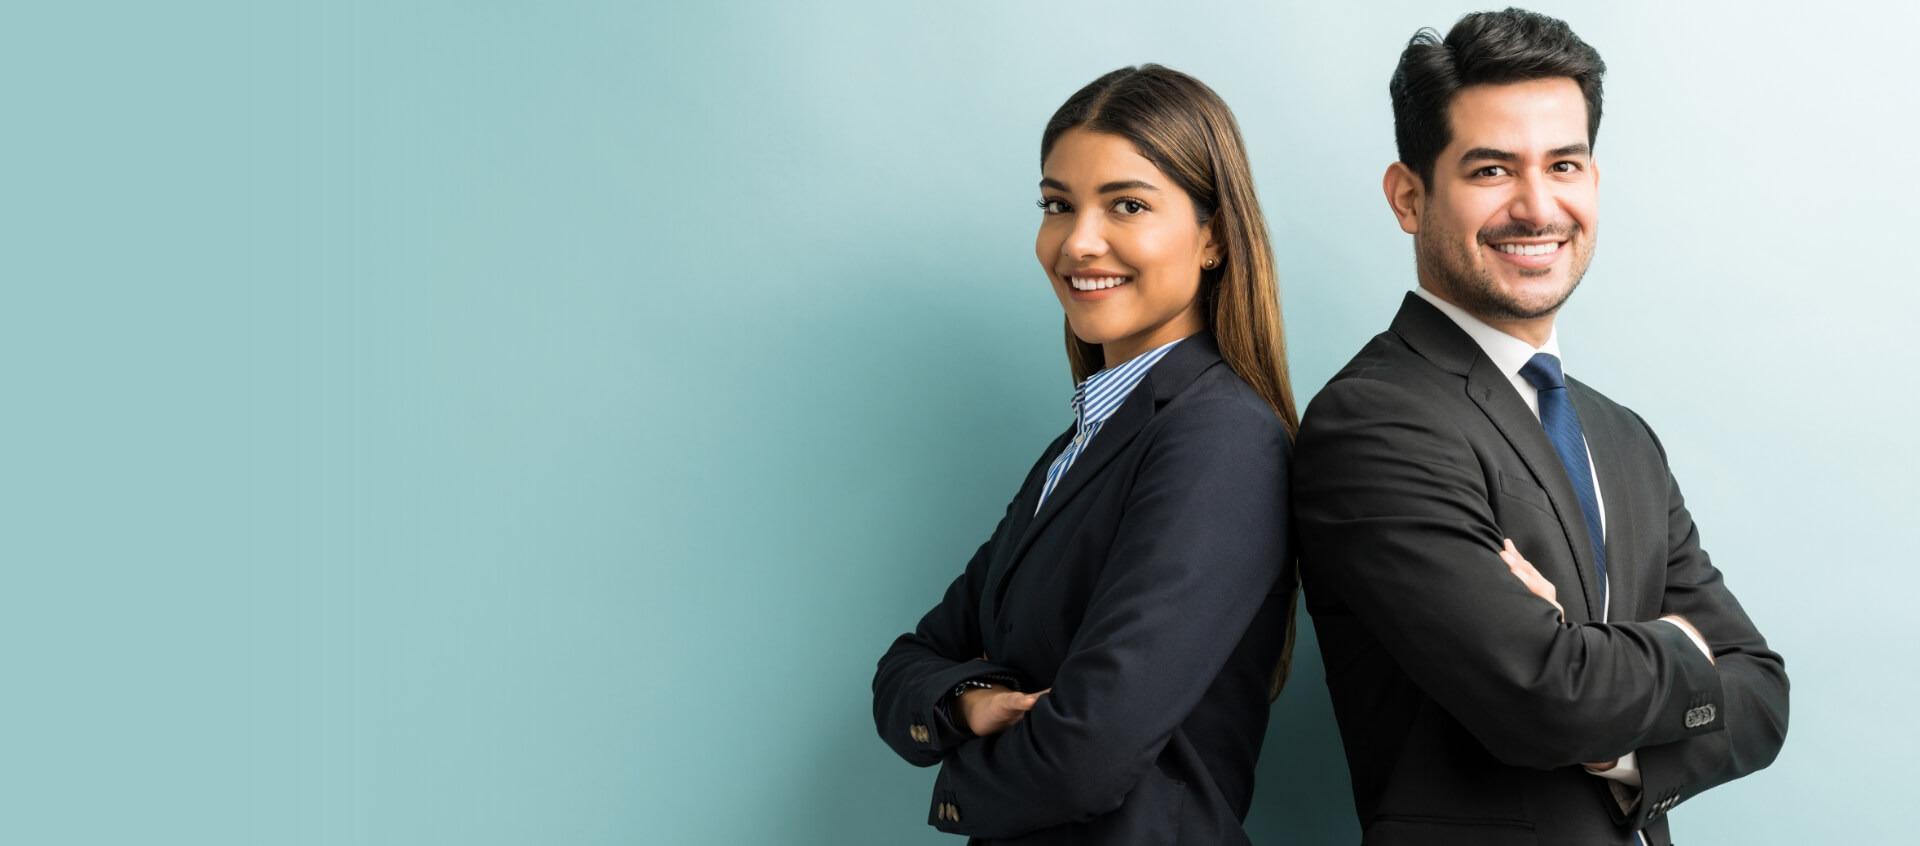 Jeune homme et femme dos à dos en costume